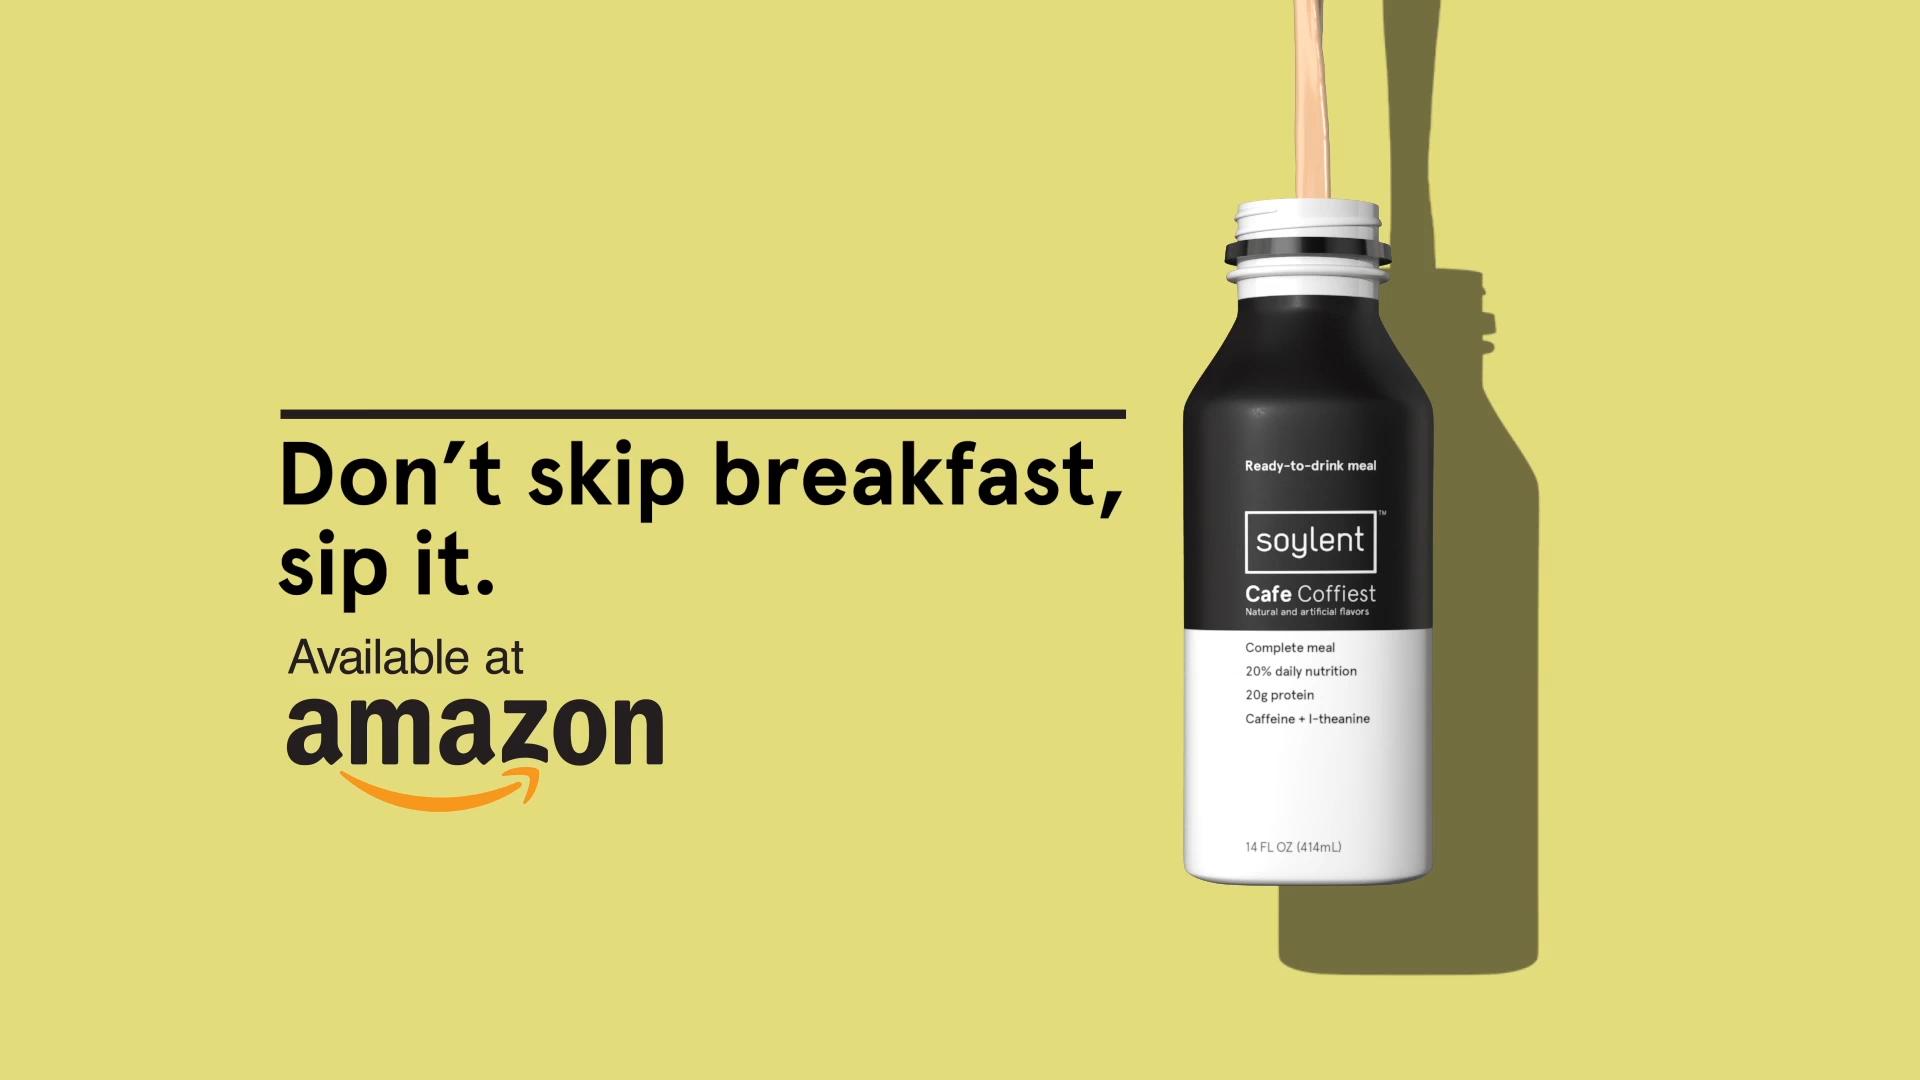 Soylent_Pour_Amazon_Coffiest_v04 (0-00-26-20).jpg